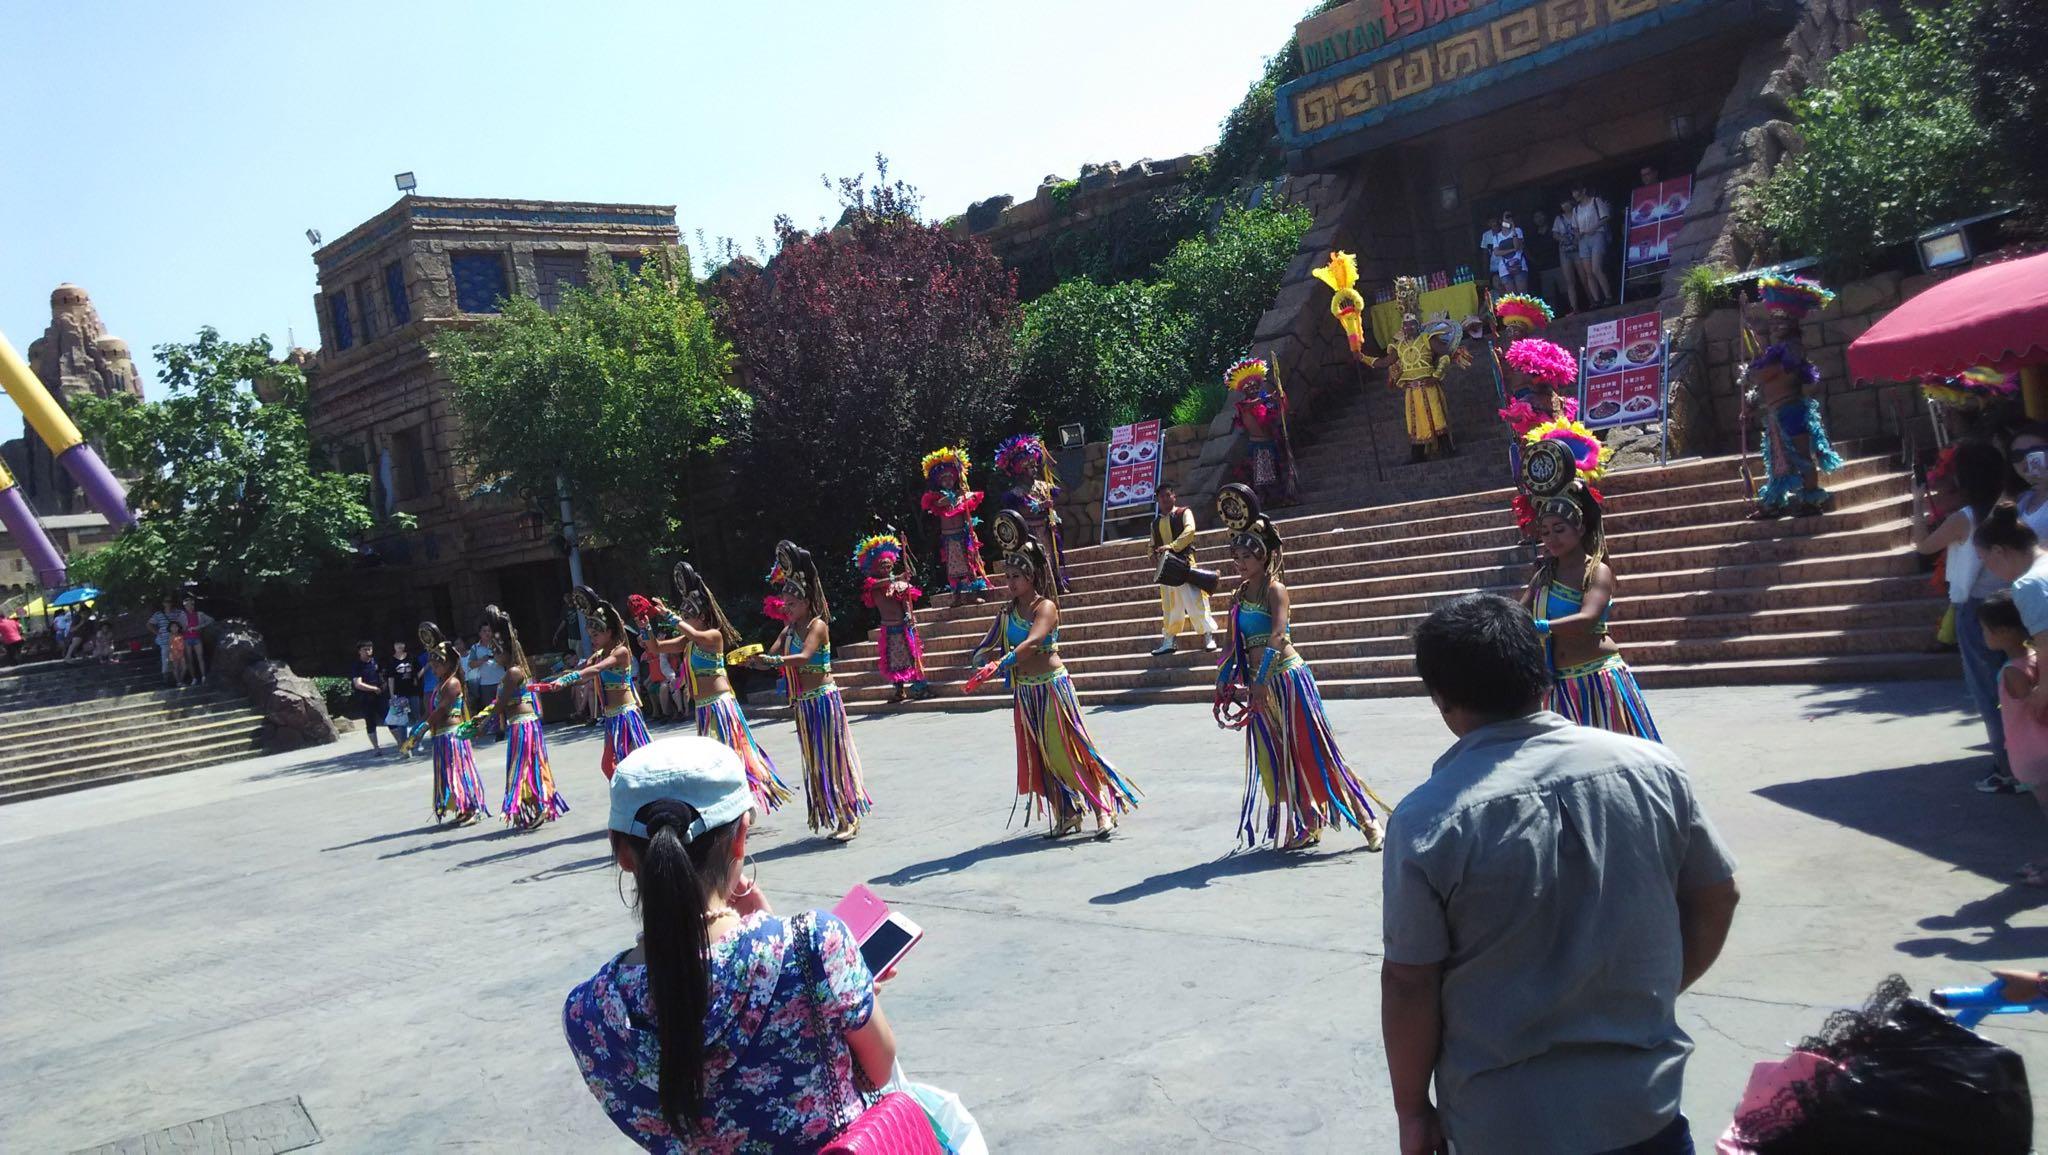 玛雅文化的这个露天舞还不错